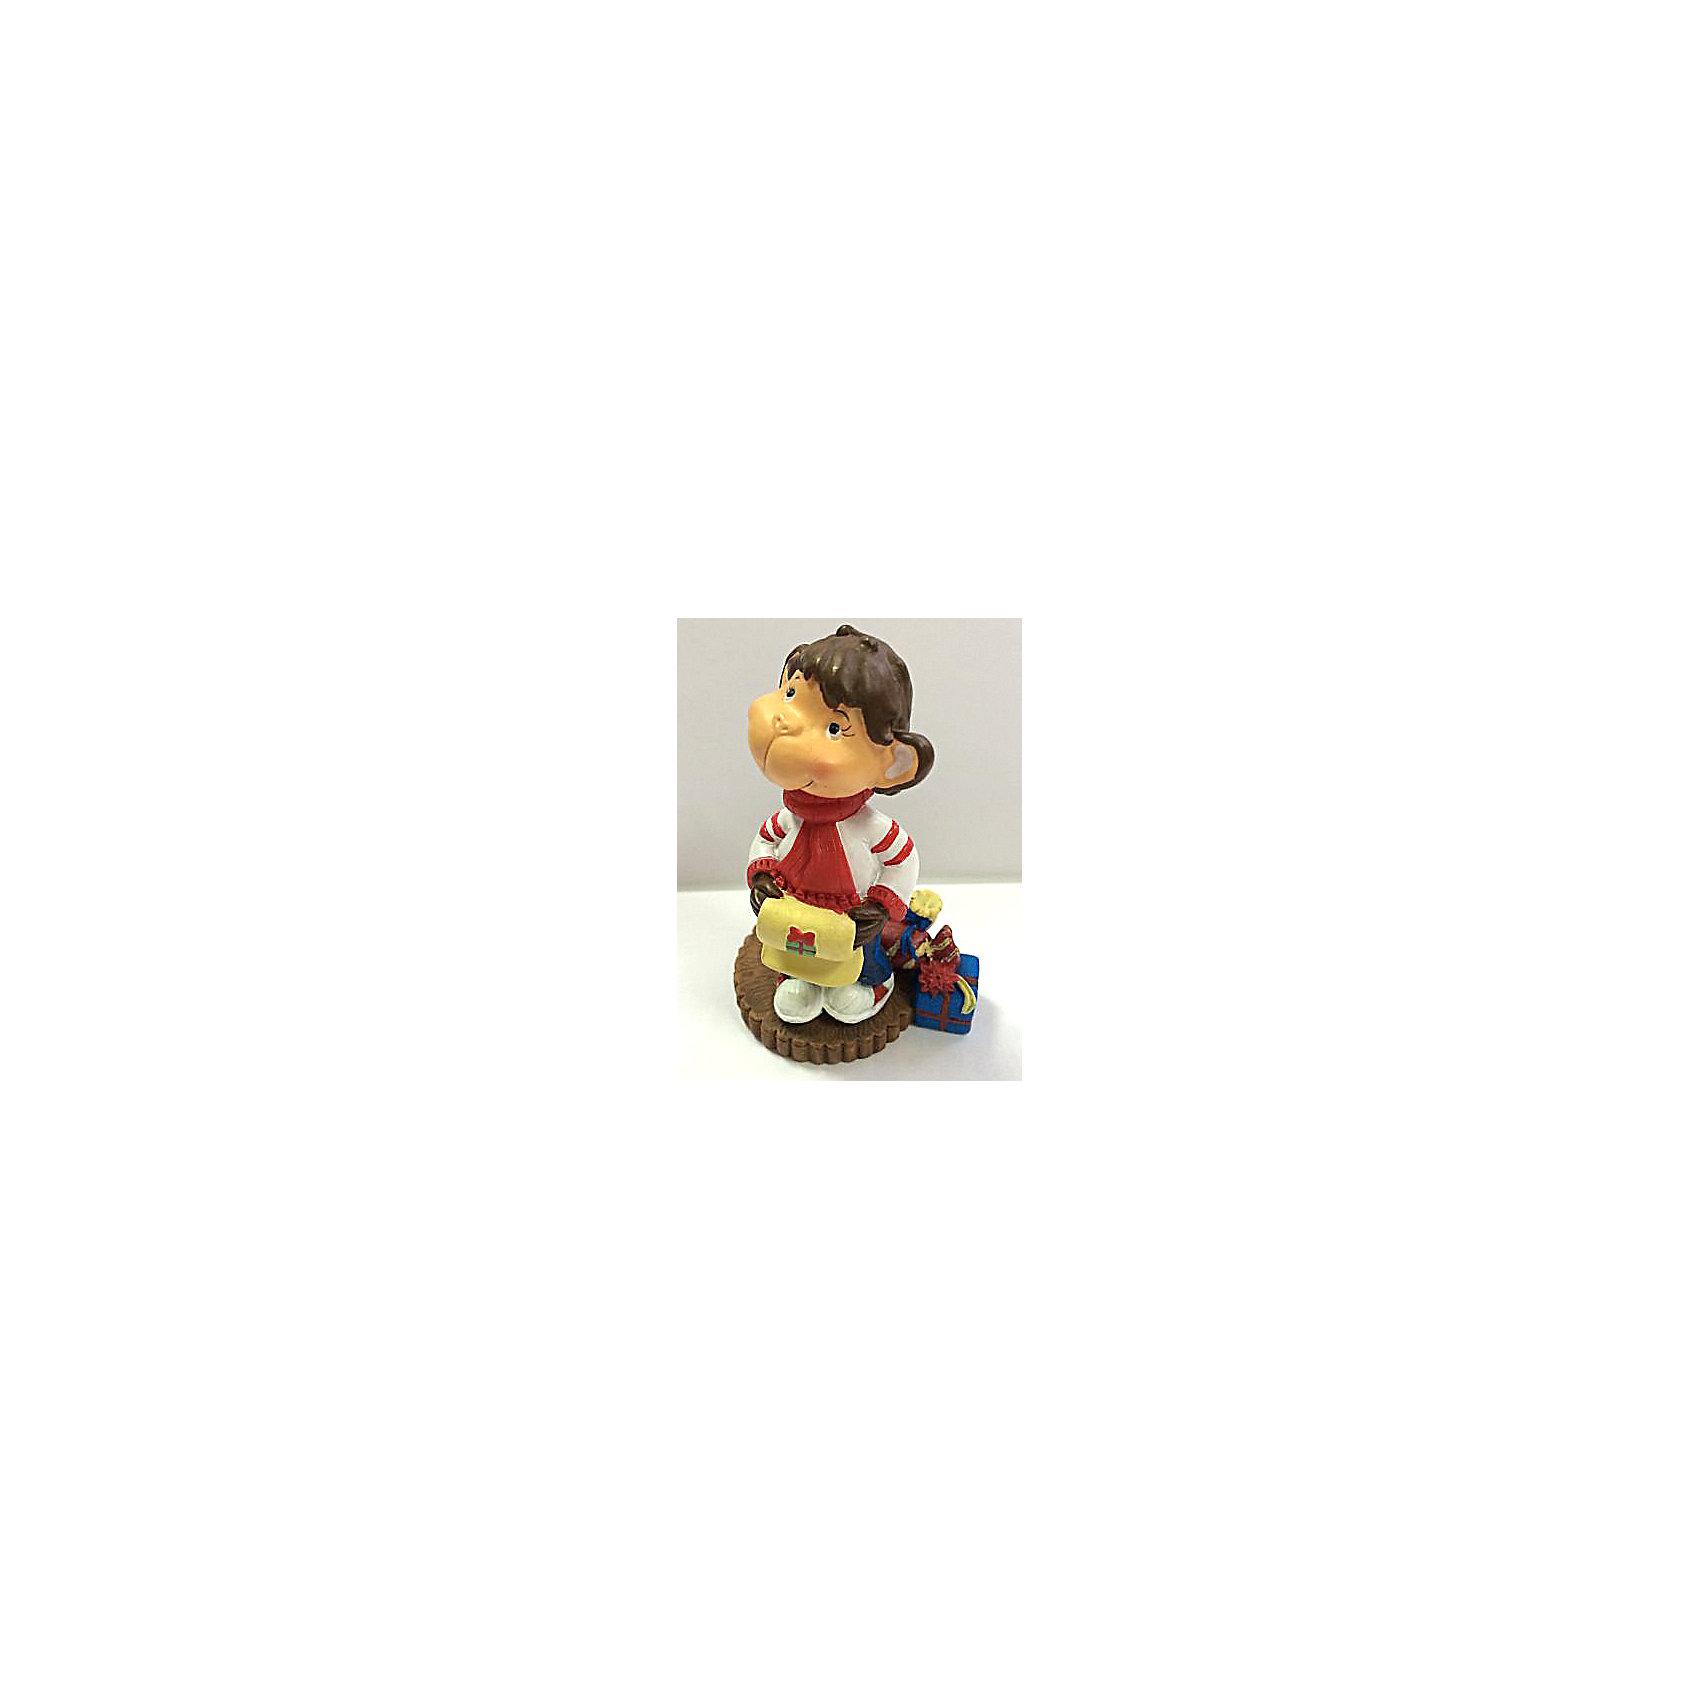 Декоративная обезьянка С подаркамиНовинки Новый Год<br>Декоративная обезьянка С подарками, Феникс-Презент, прекрасно дополнит Ваш новогодний интерьер и станет приятным сувениром для родных и друзей. Озорная обезьянка одета в теплый белый свитер и шарфик, рядом нарядные коробочки с подарками. Обезьяна является символом Нового 2016 года, забавная фигурка принесет Вам радость и удачу и поднимет настроение.  <br><br>Дополнительная информация:<br><br>- Материал: полирезина. <br>- Размер фигурки: 5,2 х 4,8 см.<br><br>Декоративную обезьянку С подарками, Феникс-Презент, можно купить в нашем интернет-магазине.<br><br>Ширина мм: 65<br>Глубина мм: 60<br>Высота мм: 90<br>Вес г: 100<br>Возраст от месяцев: 36<br>Возраст до месяцев: 2147483647<br>Пол: Унисекс<br>Возраст: Детский<br>SKU: 4276514